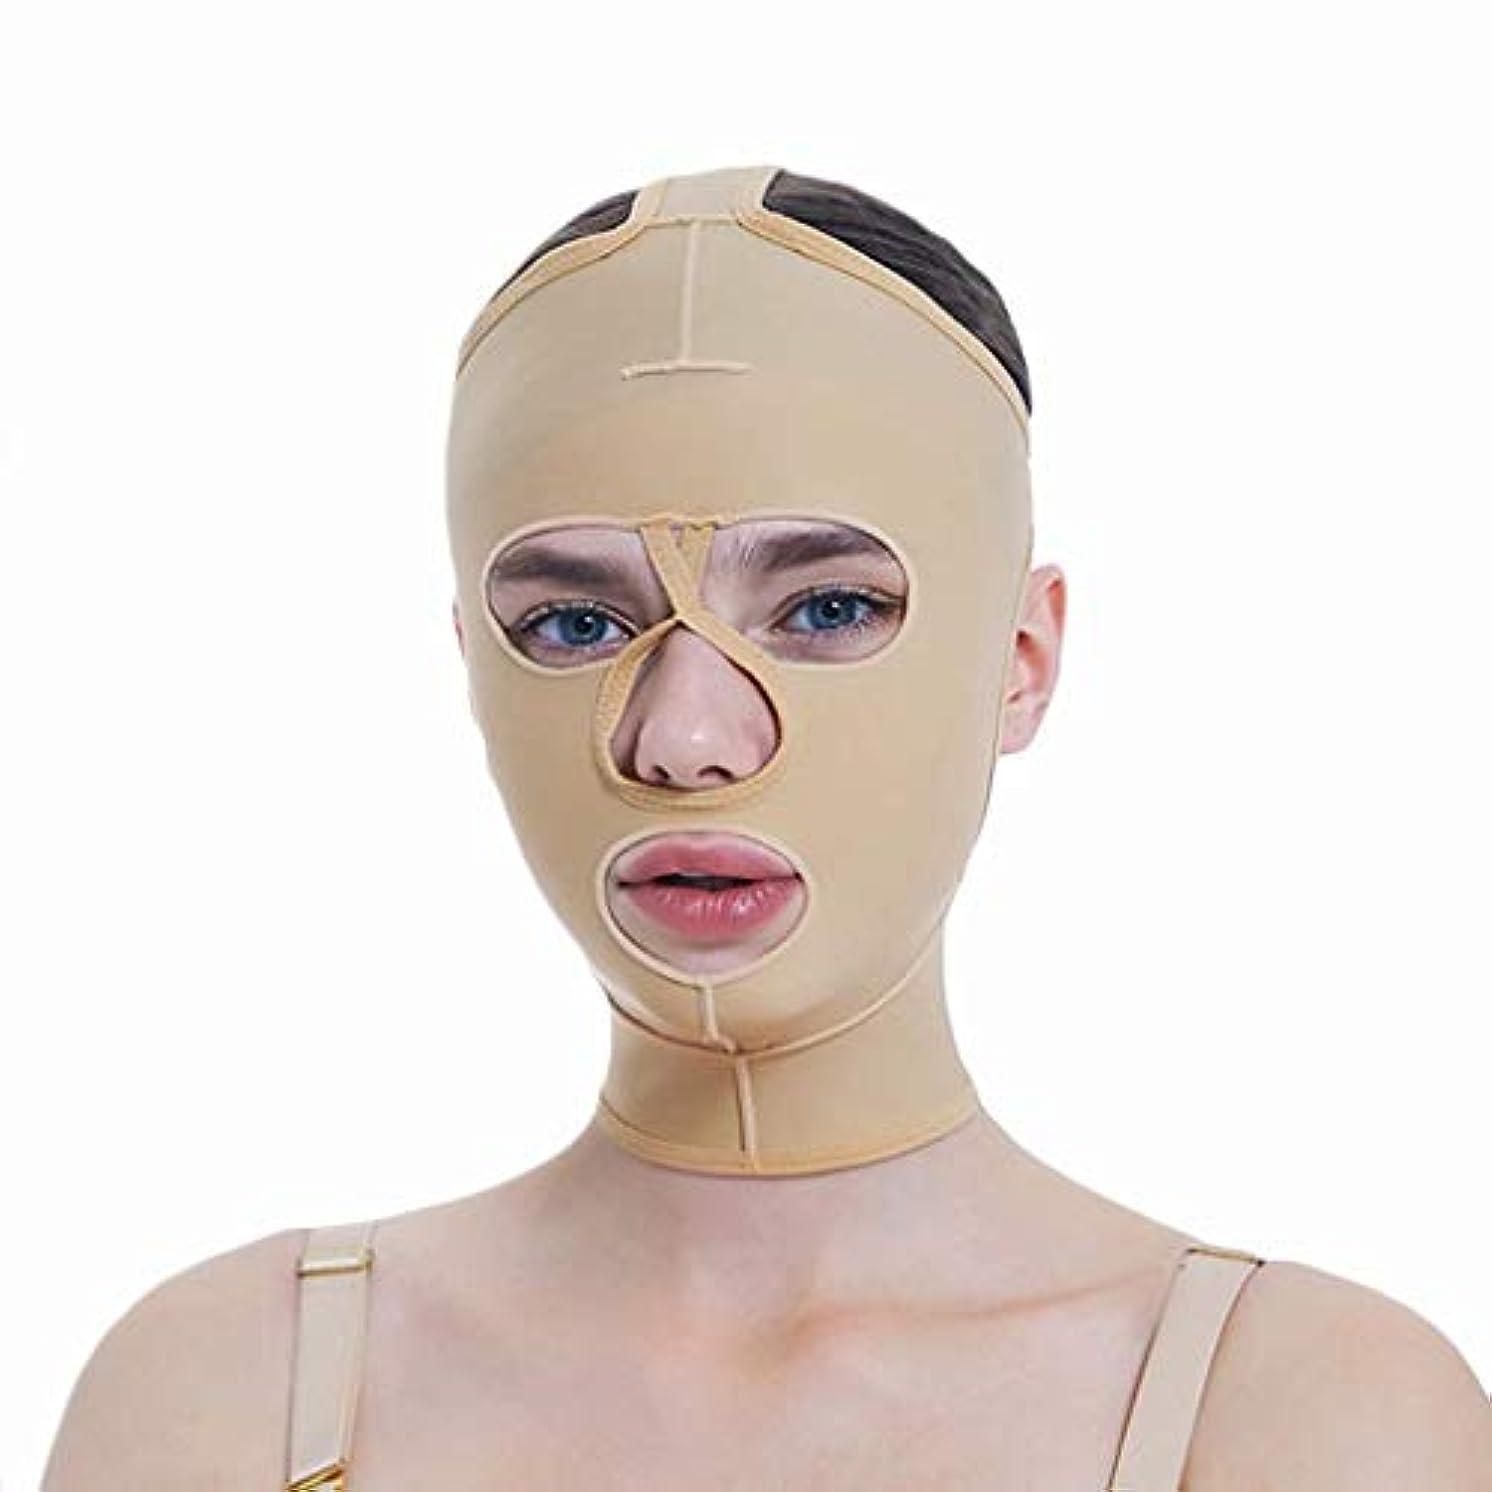 の面では円周ビジターフェイシャル減量マスク、フルカバレッジ包帯、フルフェイスリフティングマスク、フェイスマスク、快適で リフティングシェーピング(サイズ:S),XXL